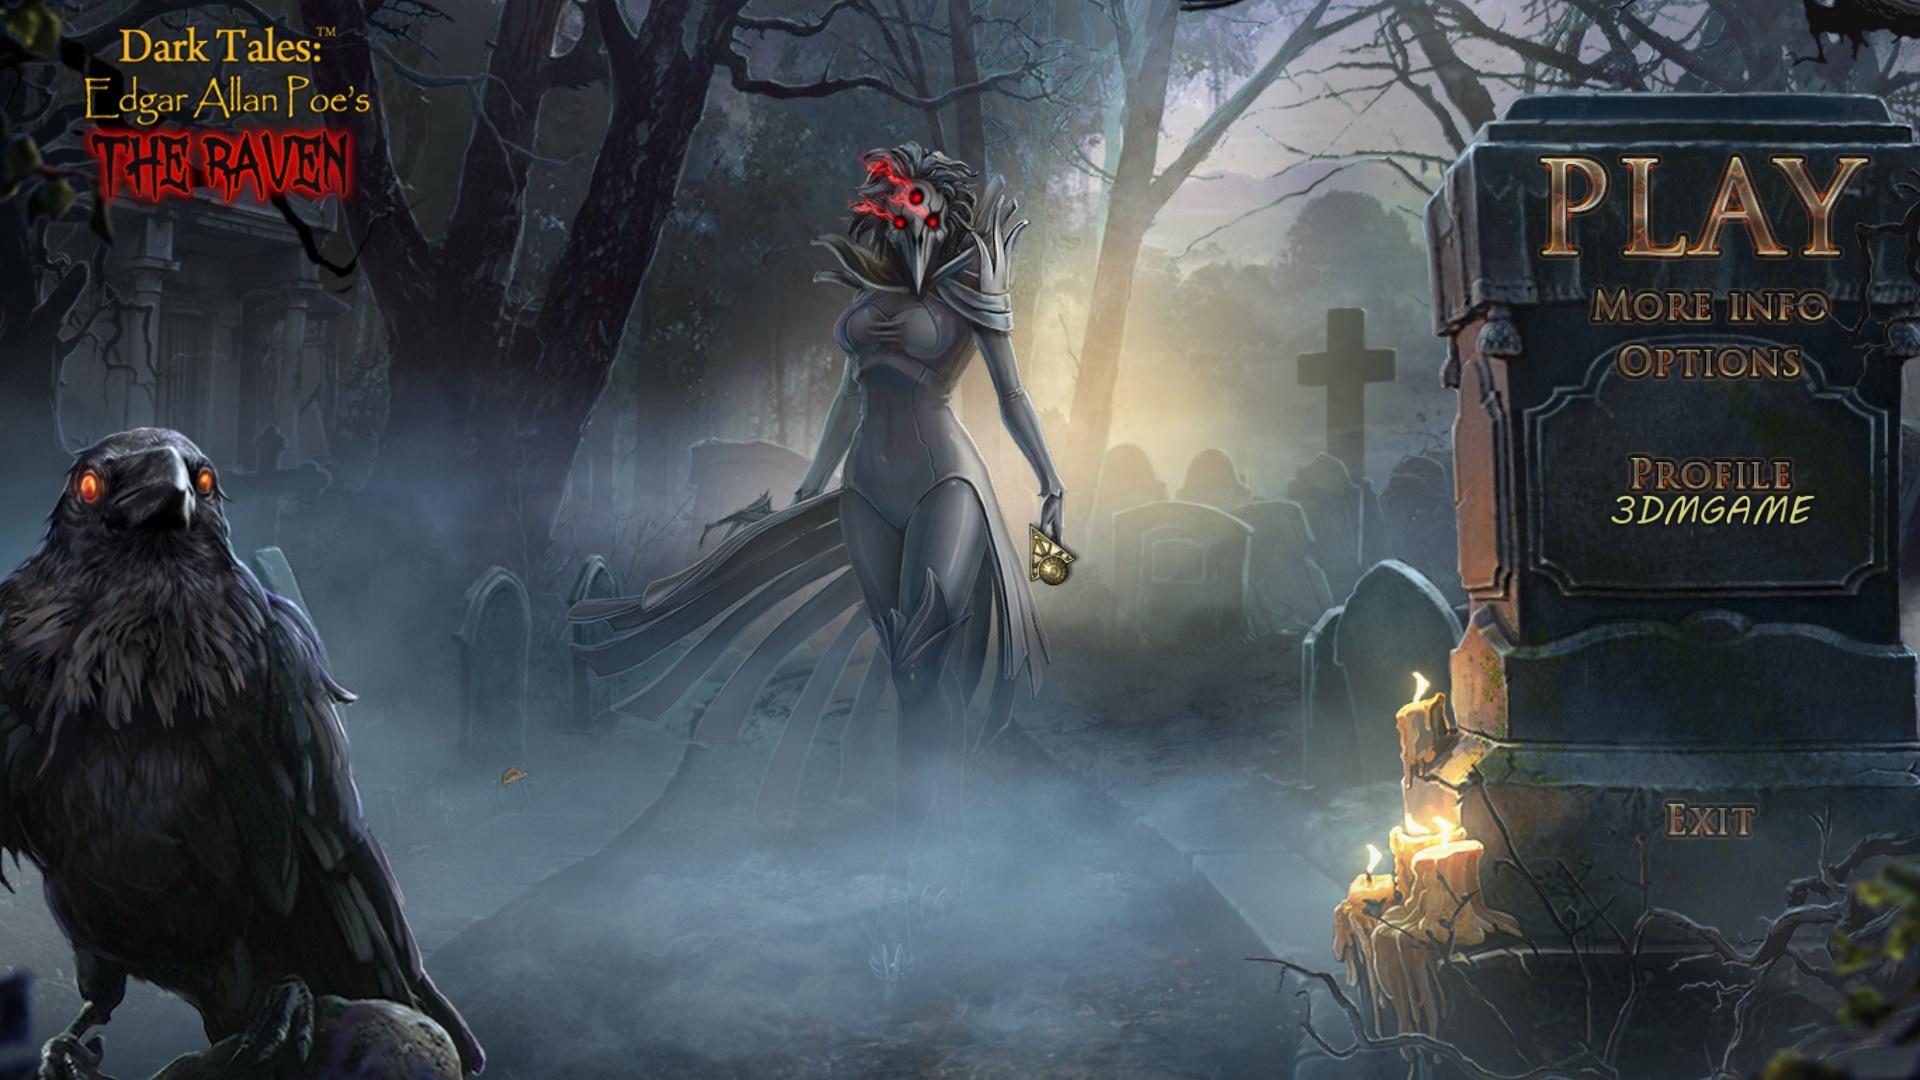 黑暗传说10:爱伦坡之乌鸦 游戏截图